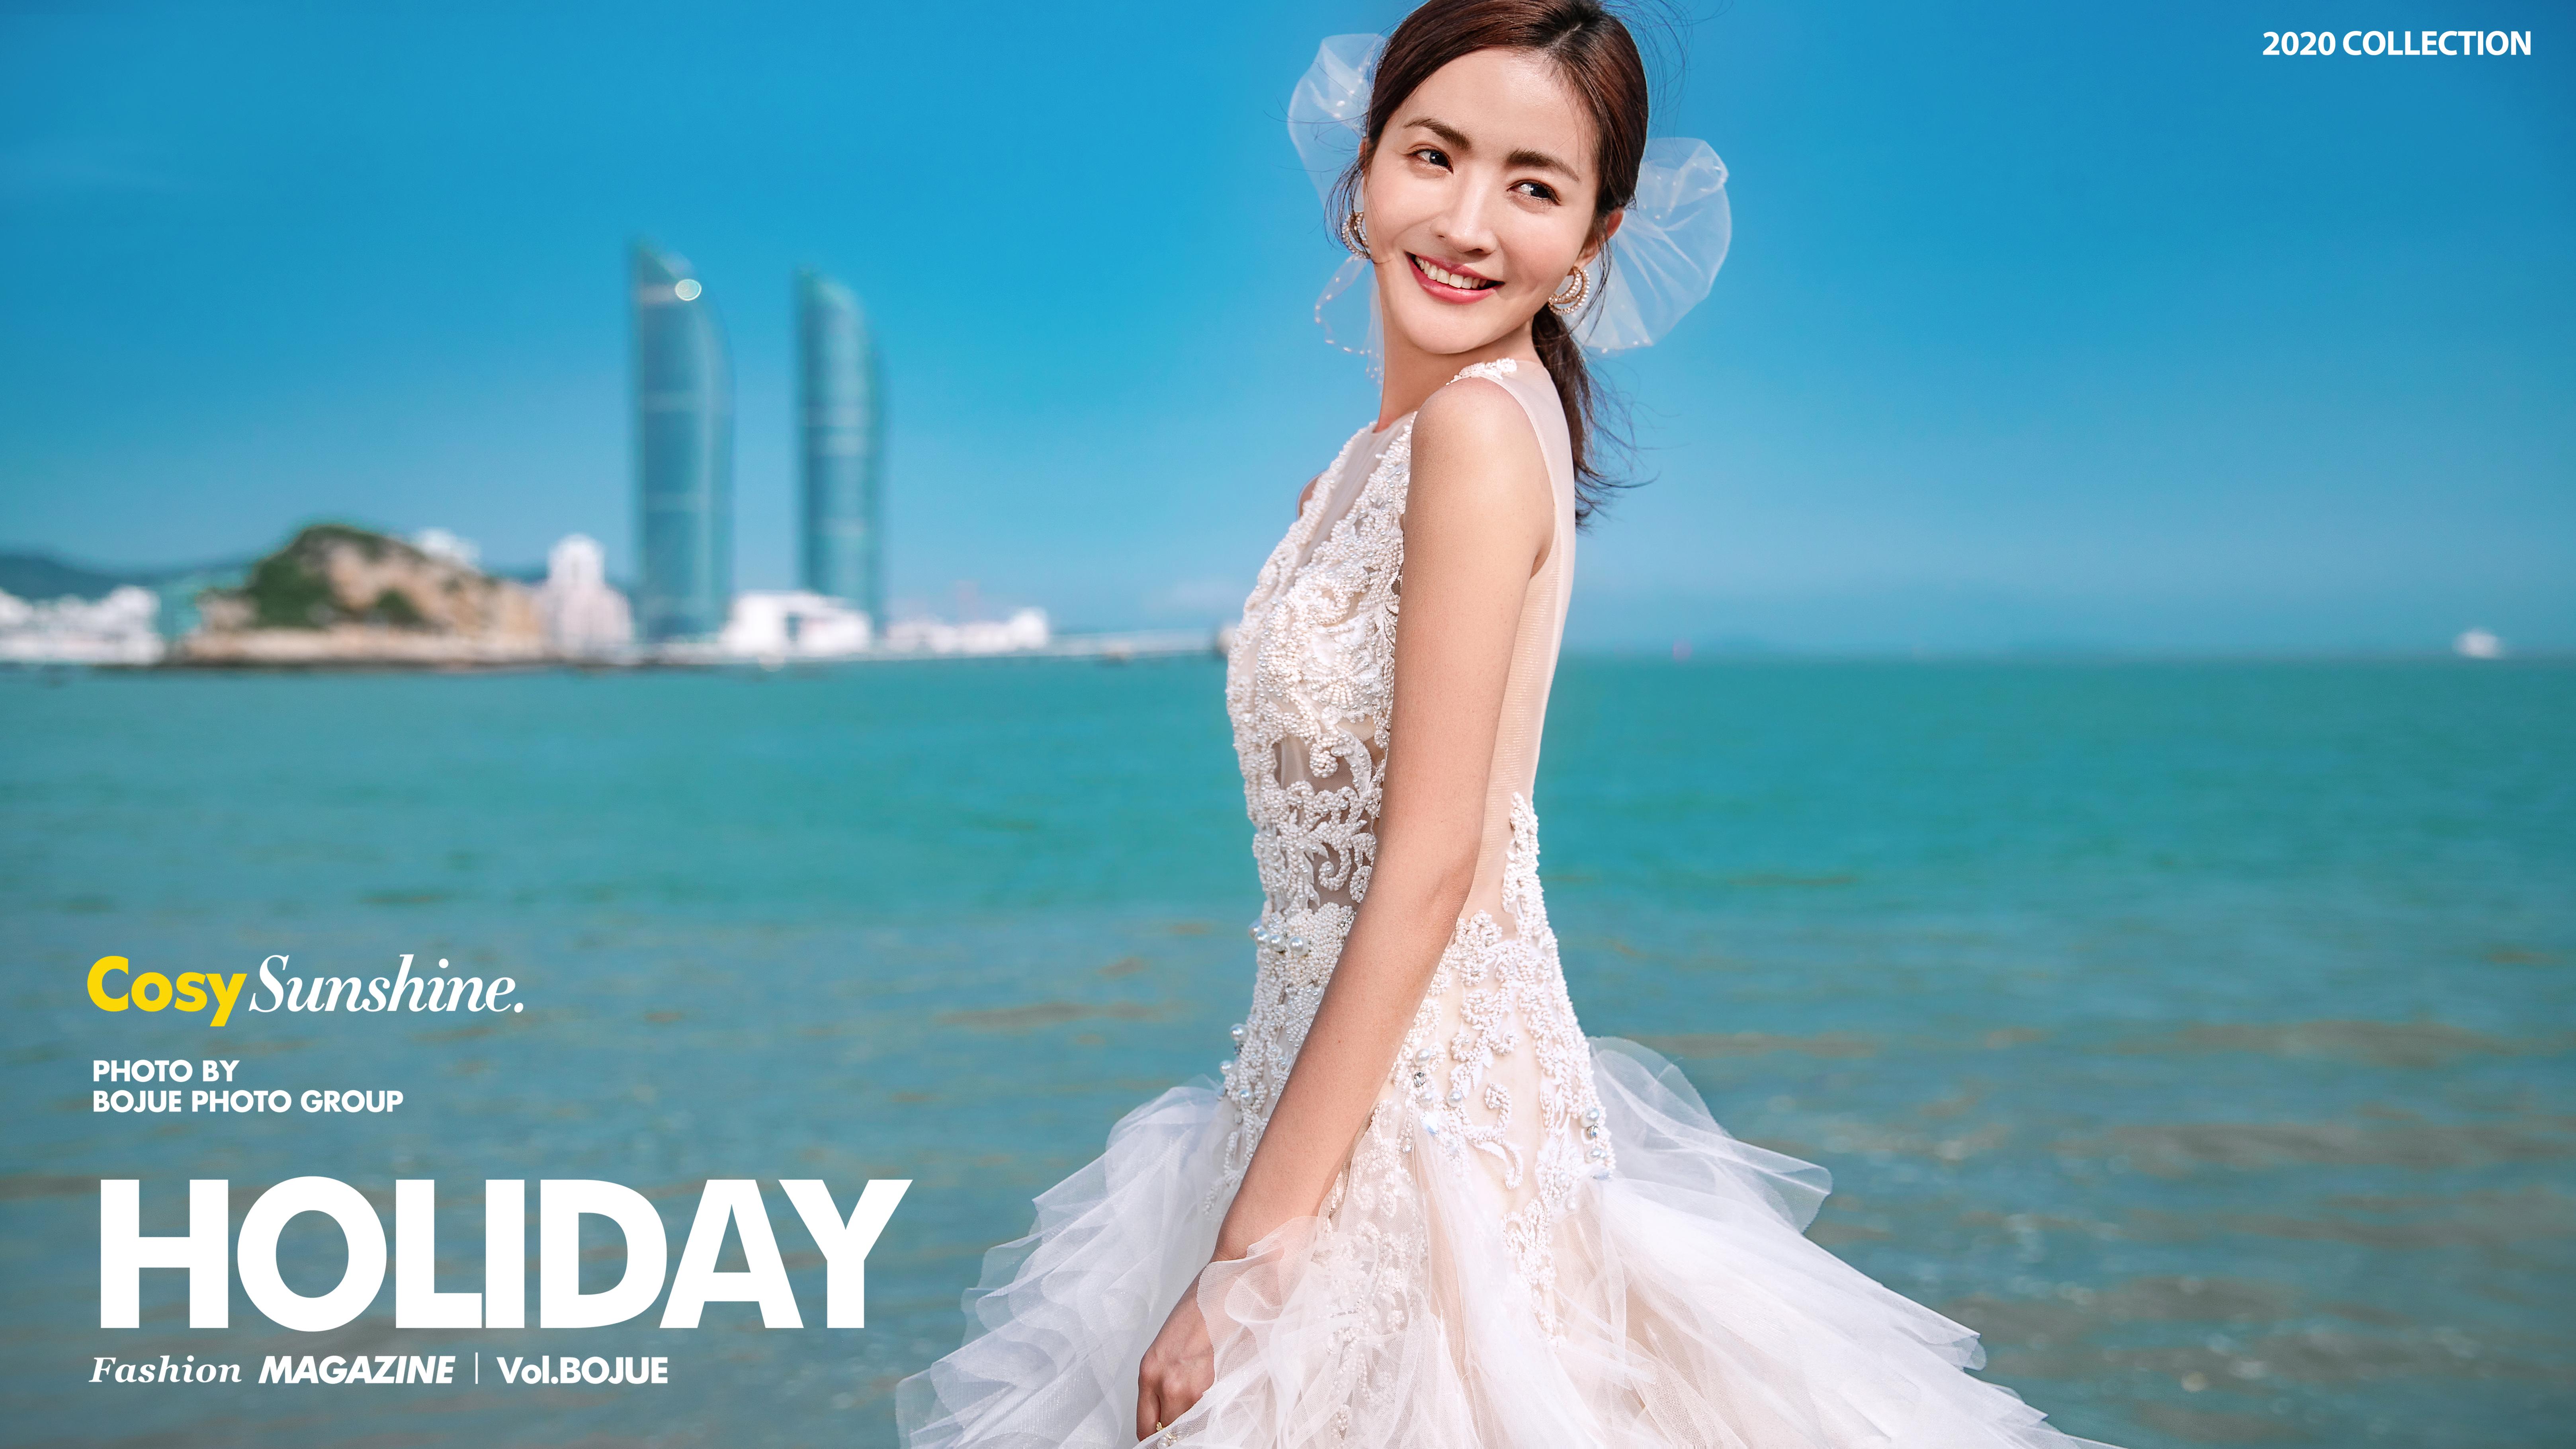 结婚照多久可以拿到 婚纱摄影需要注意的问题